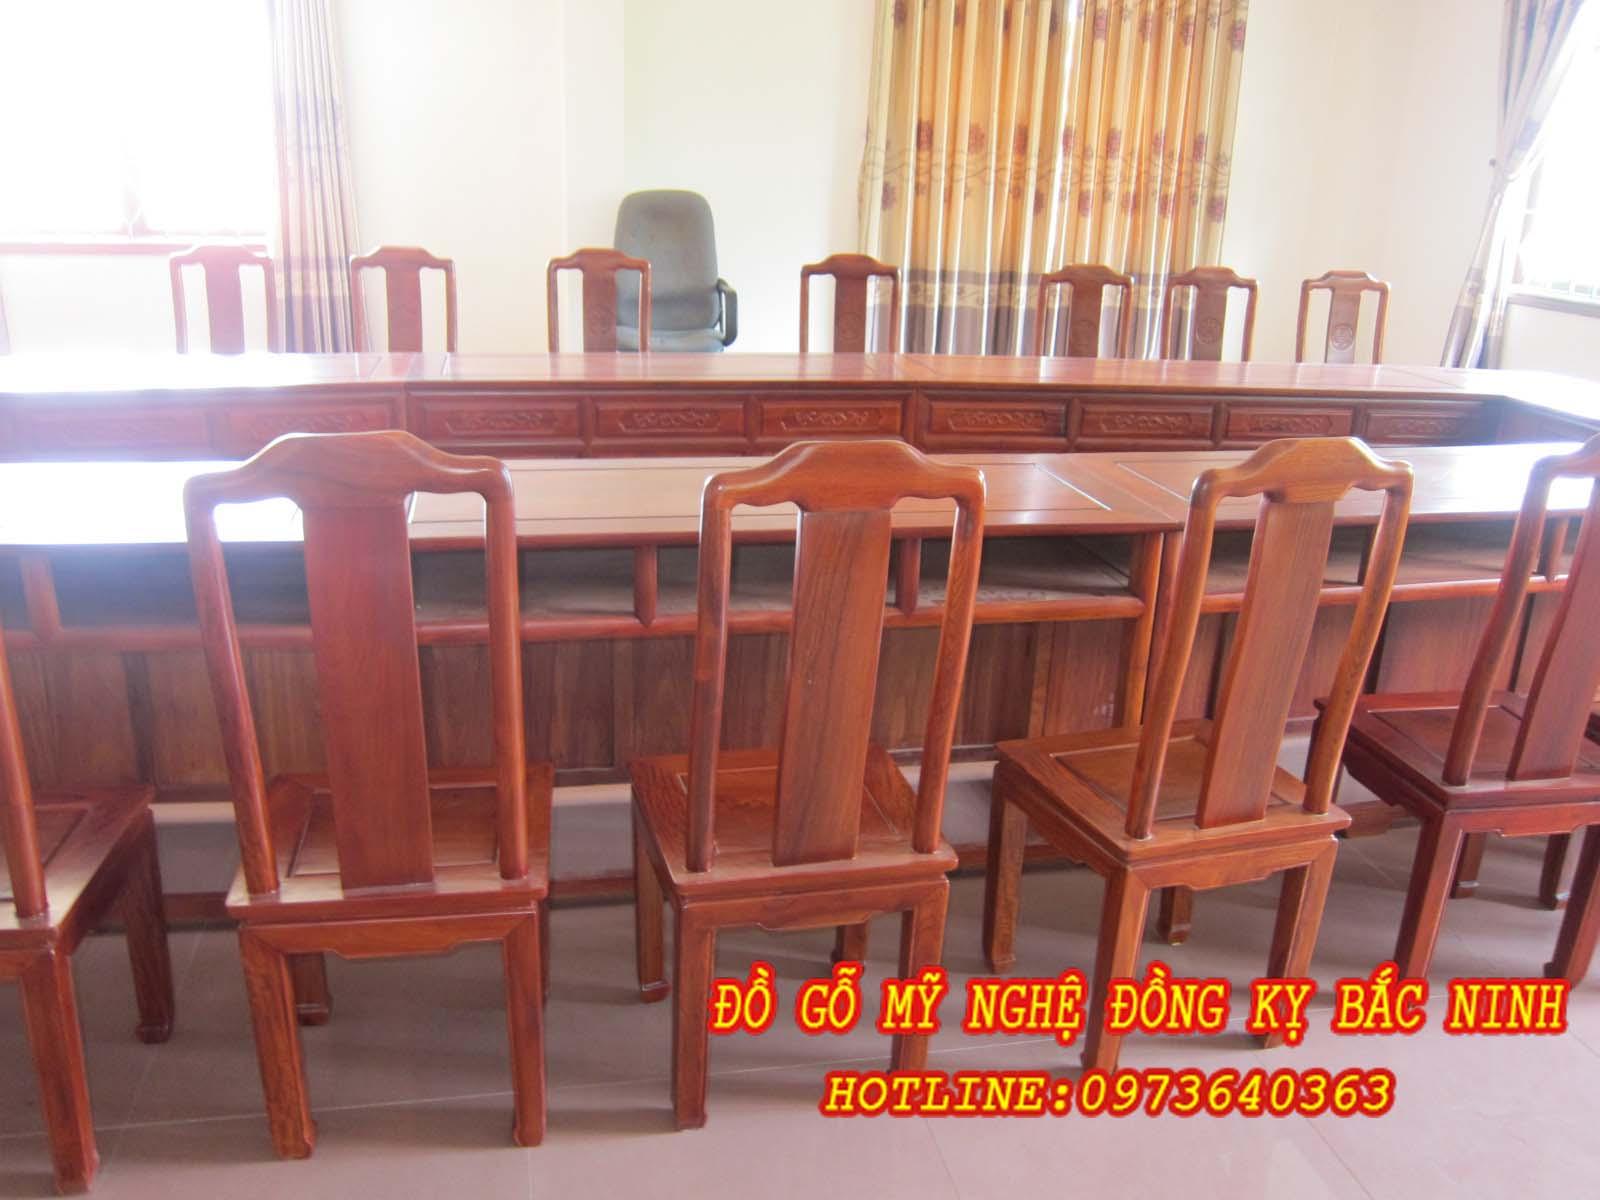 Bàn ghế phòng họp DGBN - 03 sản phẩm 1